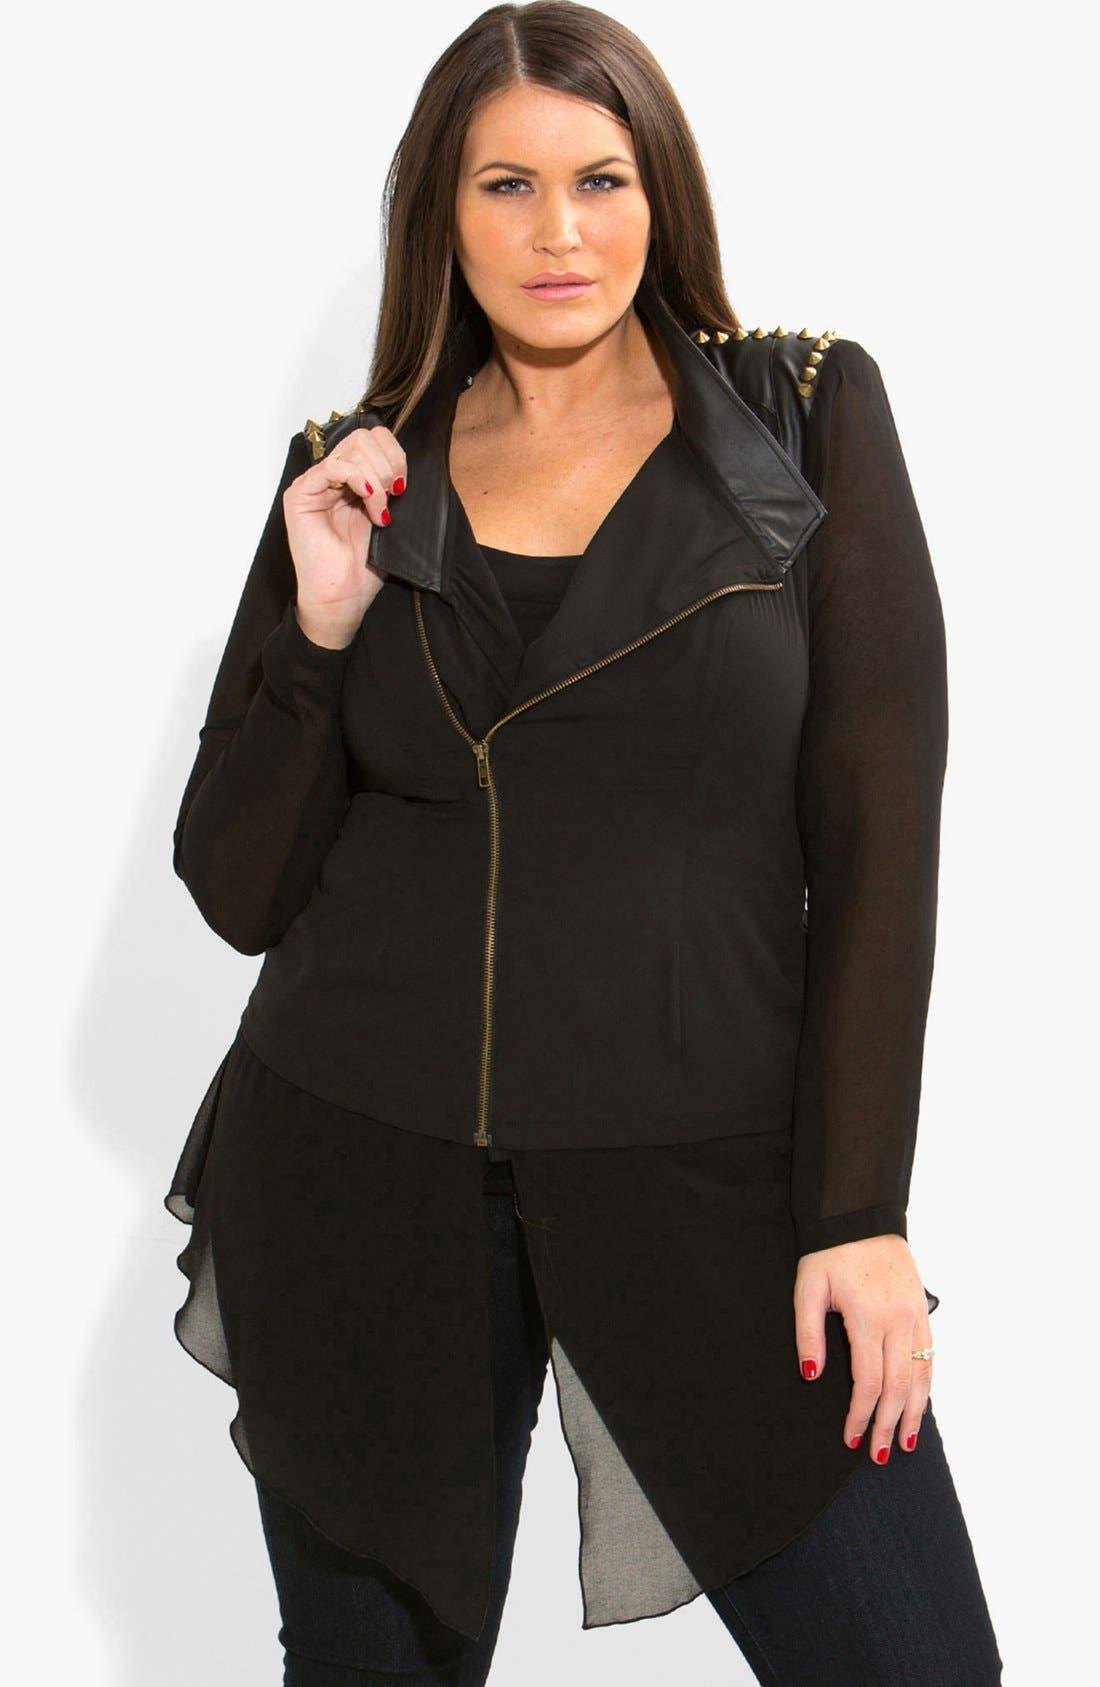 Alternate Image 1 Selected - City Chic Studded Mixed Media Moto Jacket (Plus Size)